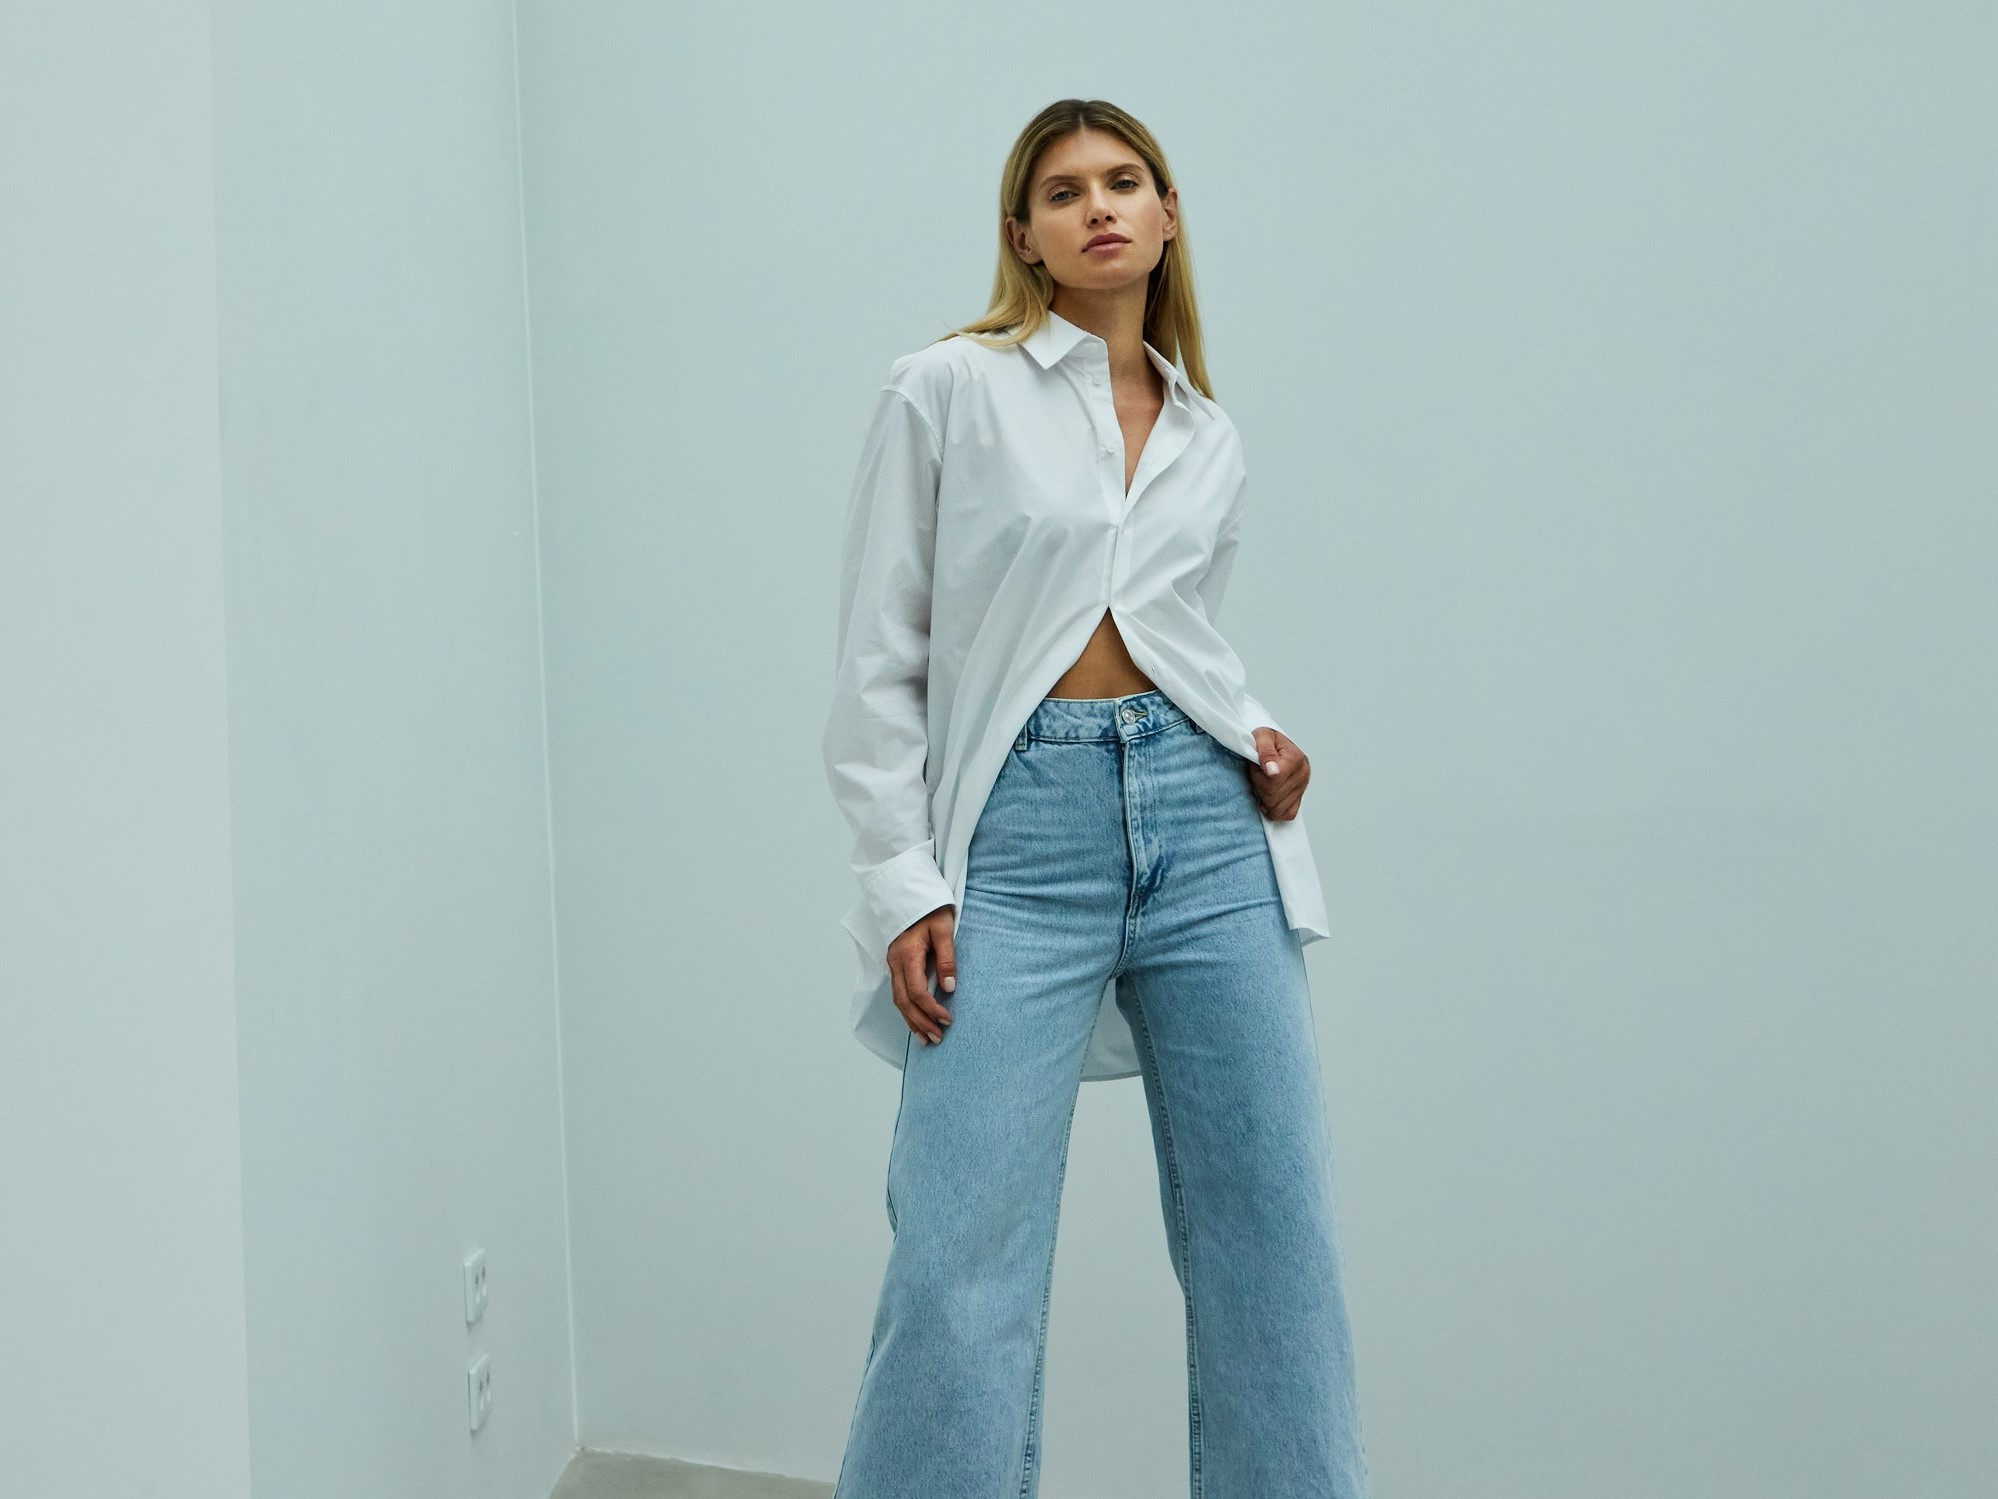 Koszula i jeansy - niezawodna jesienna stylizacja